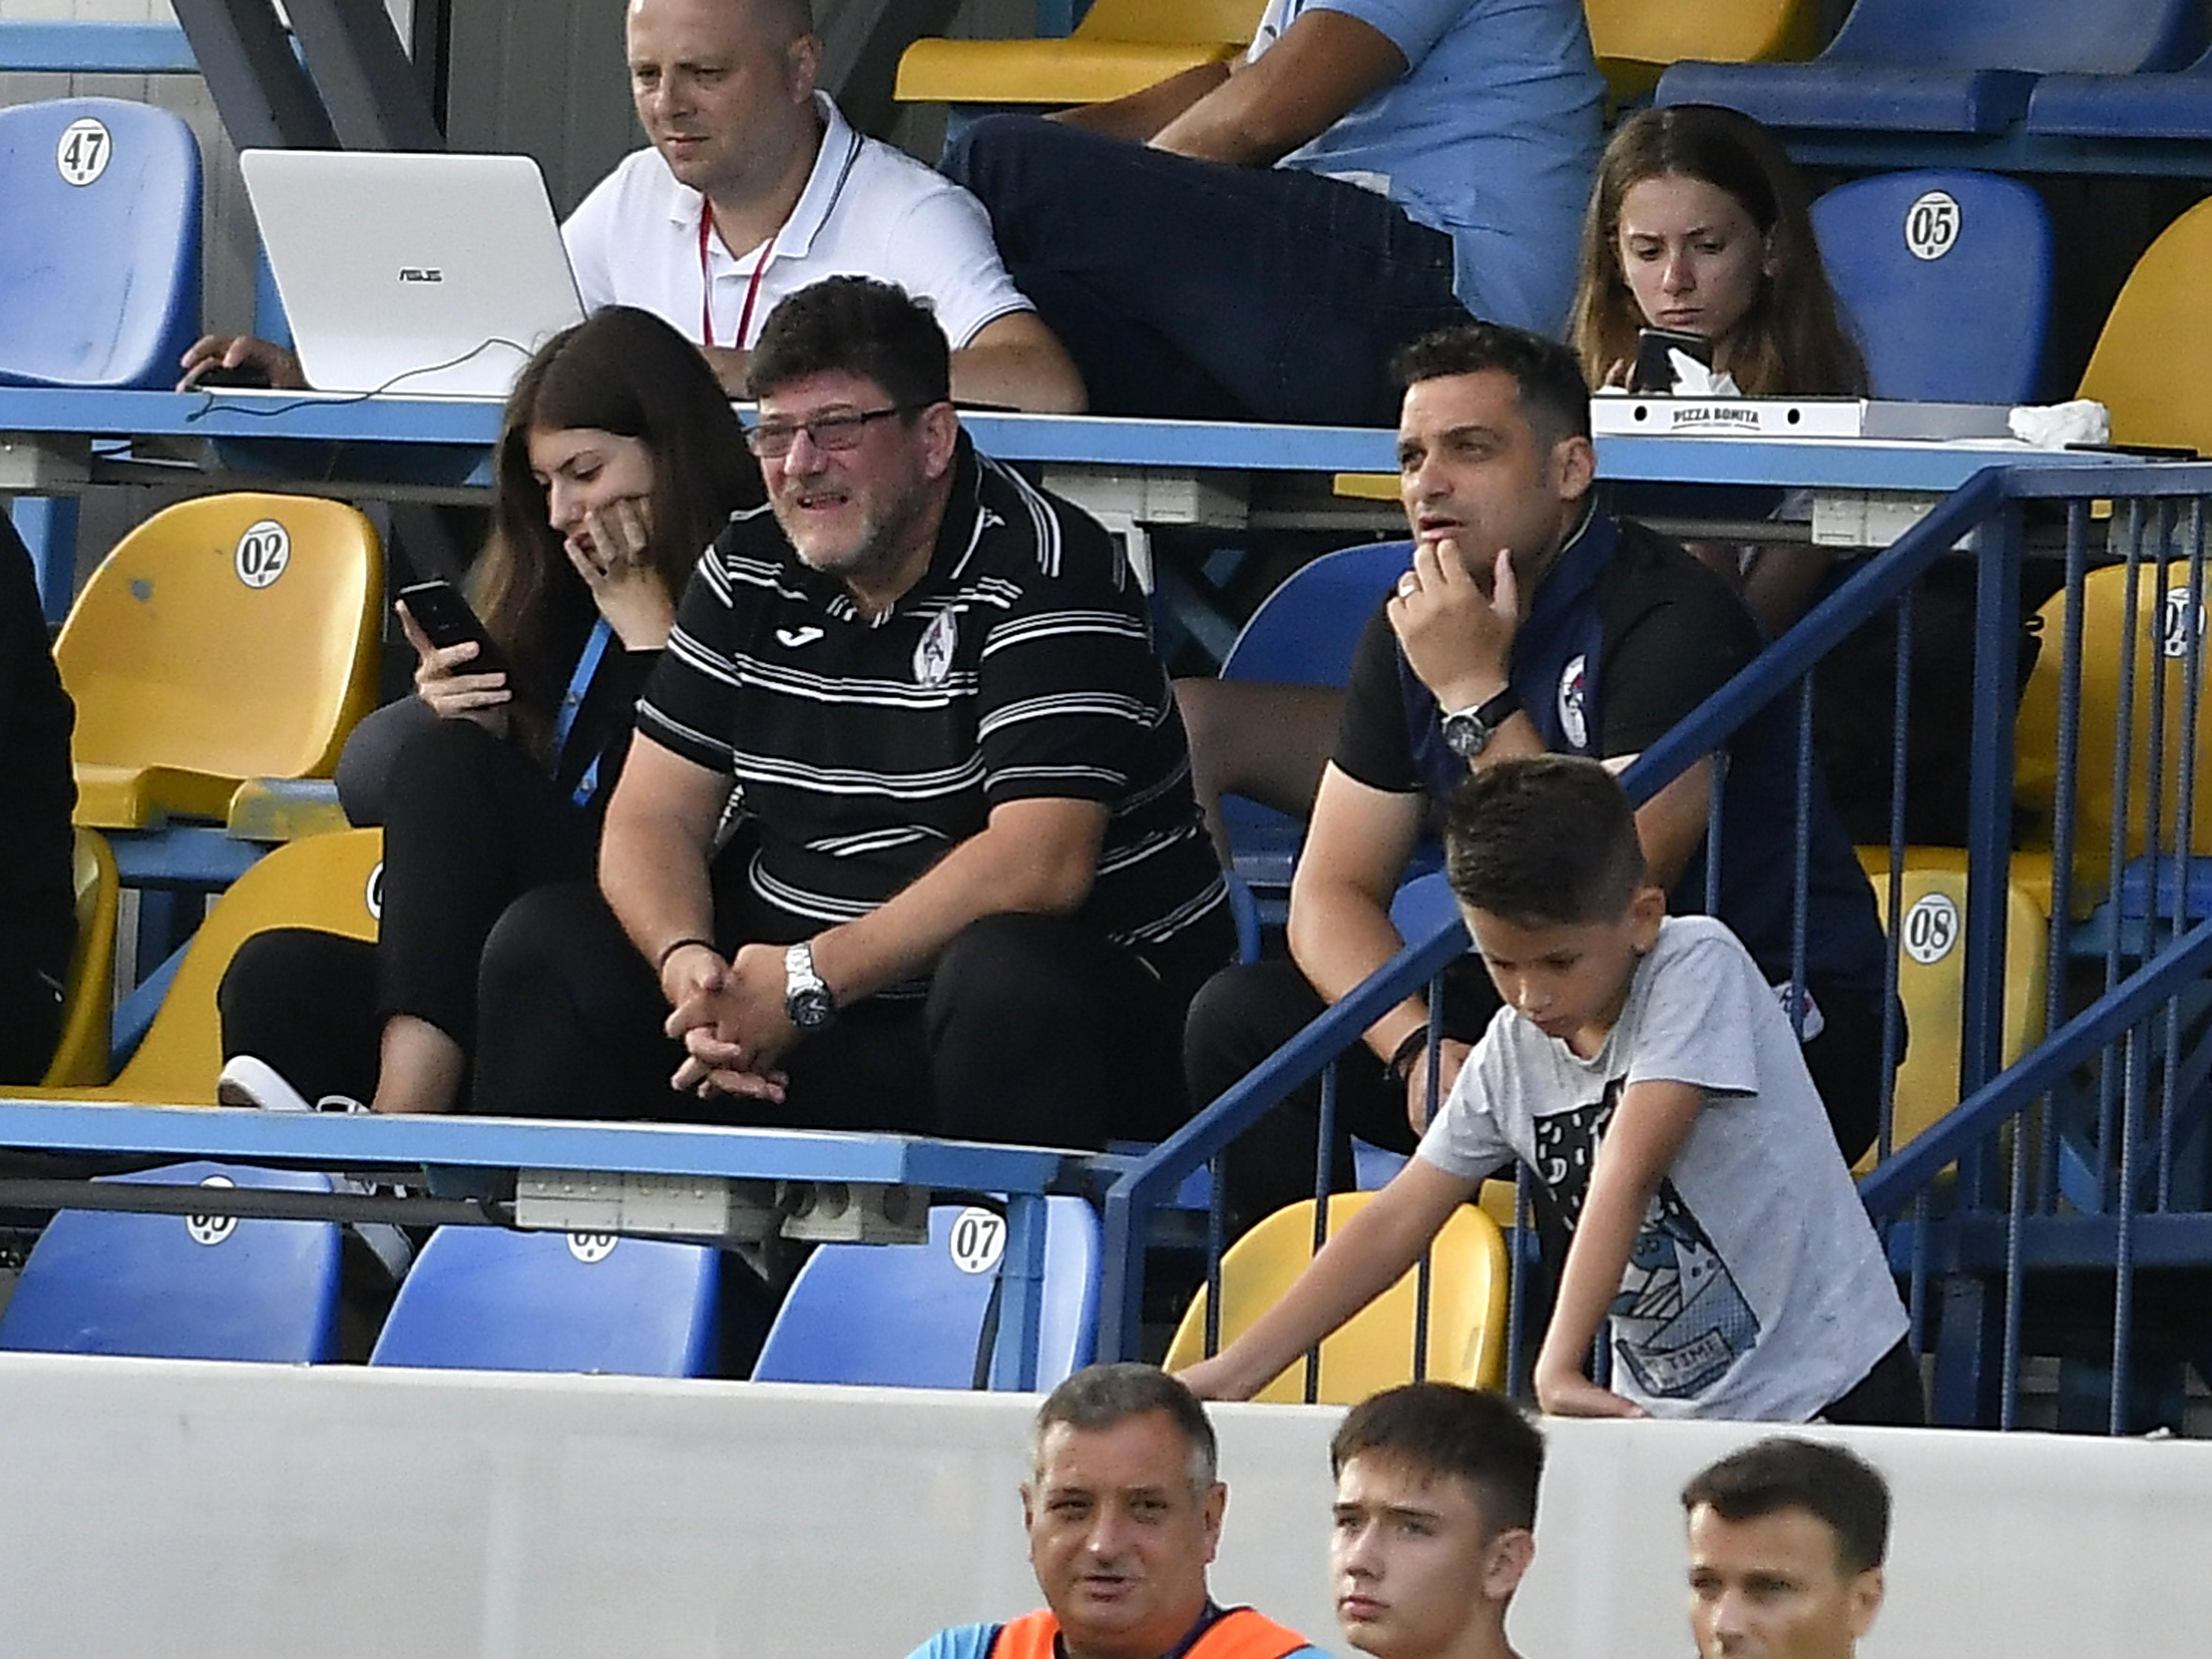 Gaz Metan iese din insolvență? Administratorul voia echipa în faliment! FOTO: Nabil Jaadi si Antoni Valeri Ivanov in meciul de fotbal dintre Dinamo Bucuresti si Gaz Metan Medias, din cadrul playout-ului Ligii 1 Betano